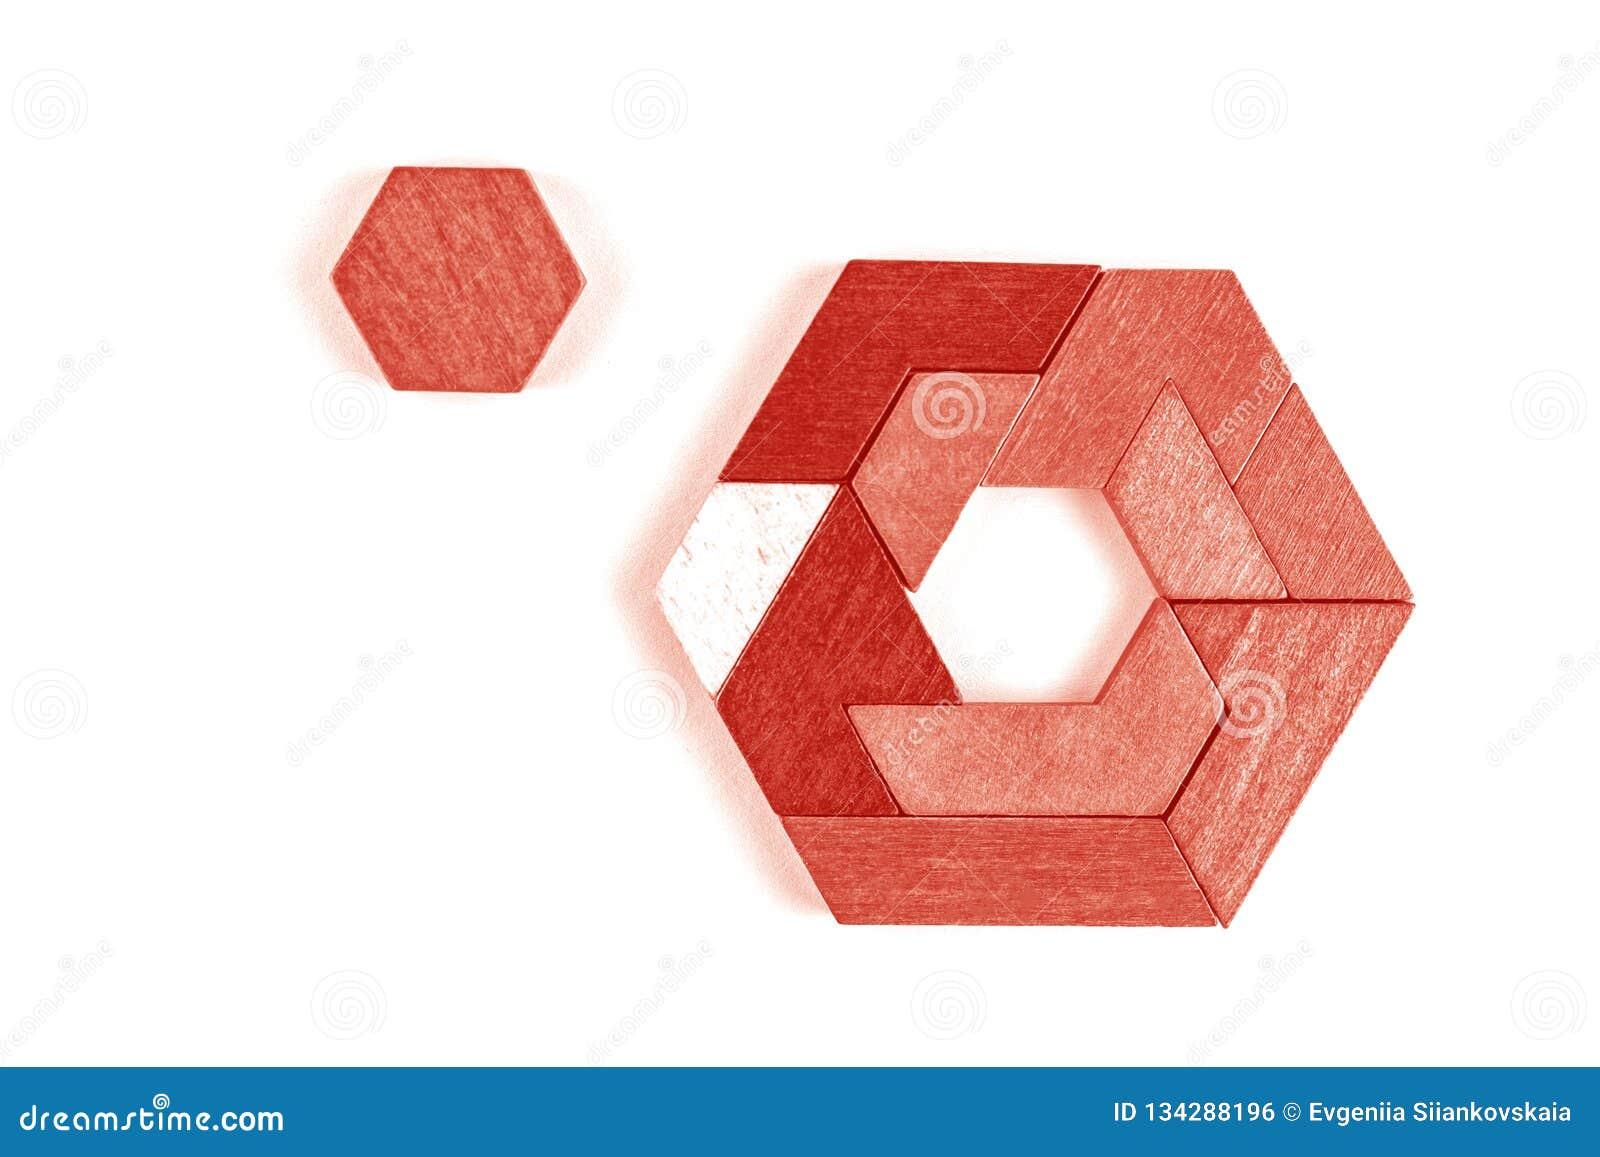 Головоломка с шестиугольниками